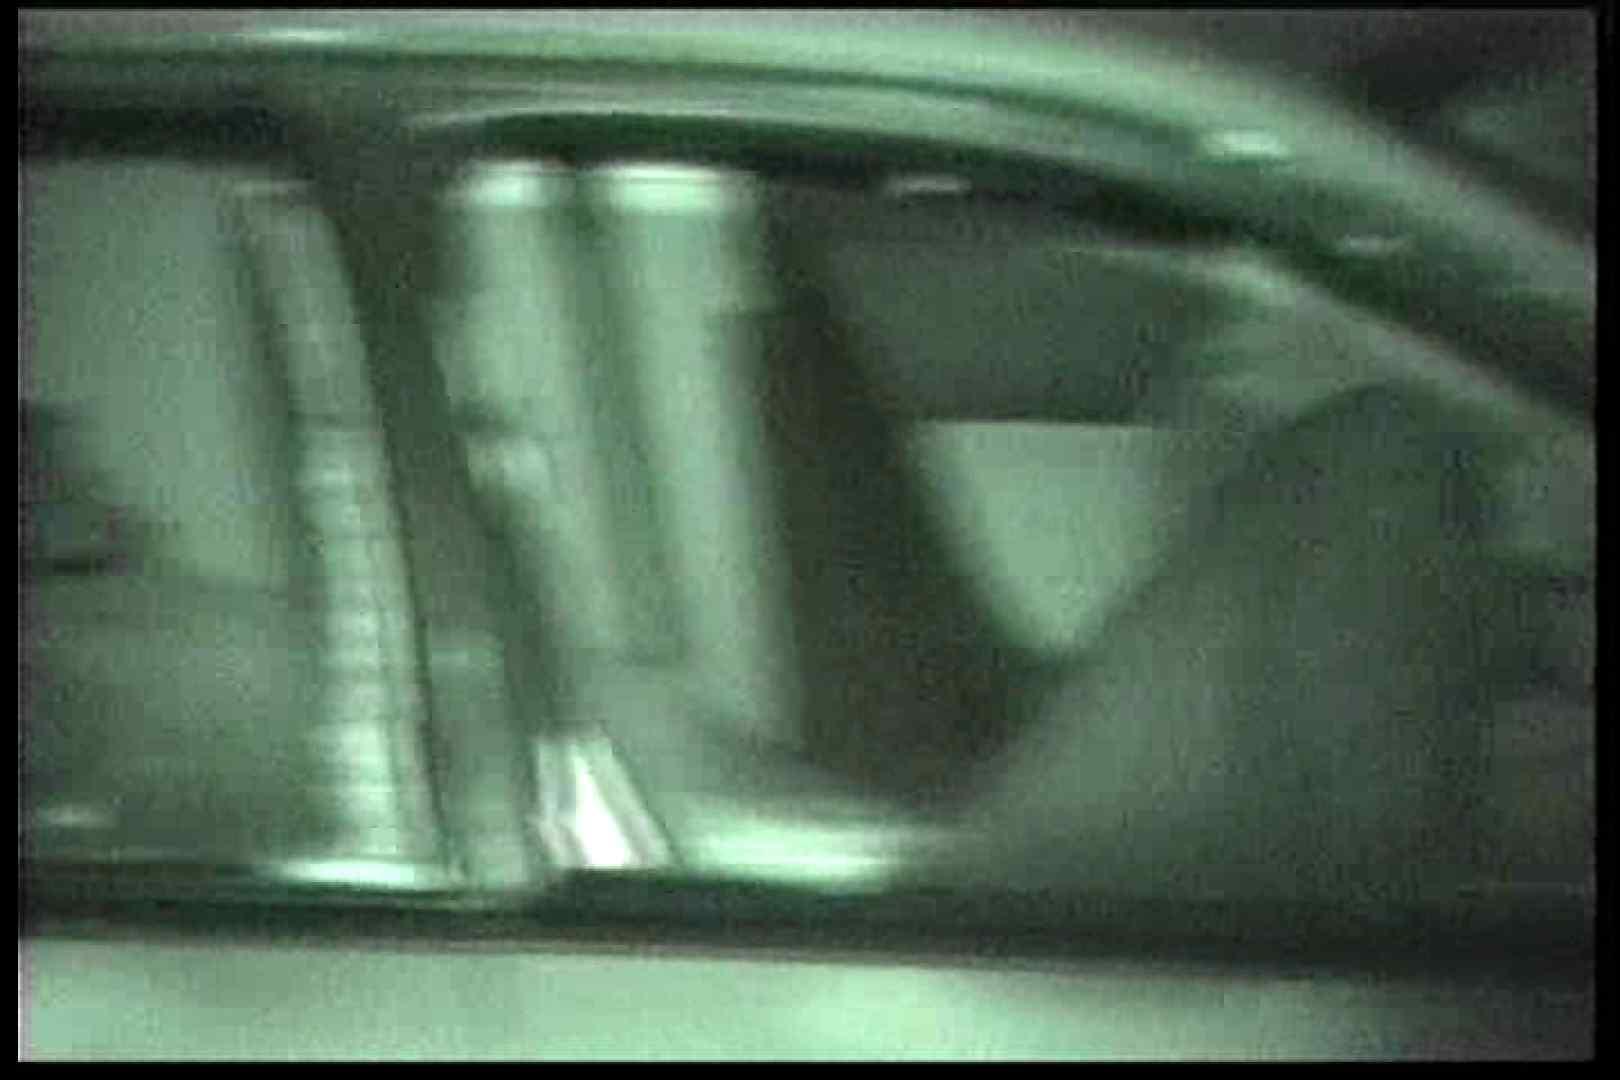 車の中はラブホテル 無修正版  Vol.11 人気シリーズ ぱこり動画紹介 34連発 34